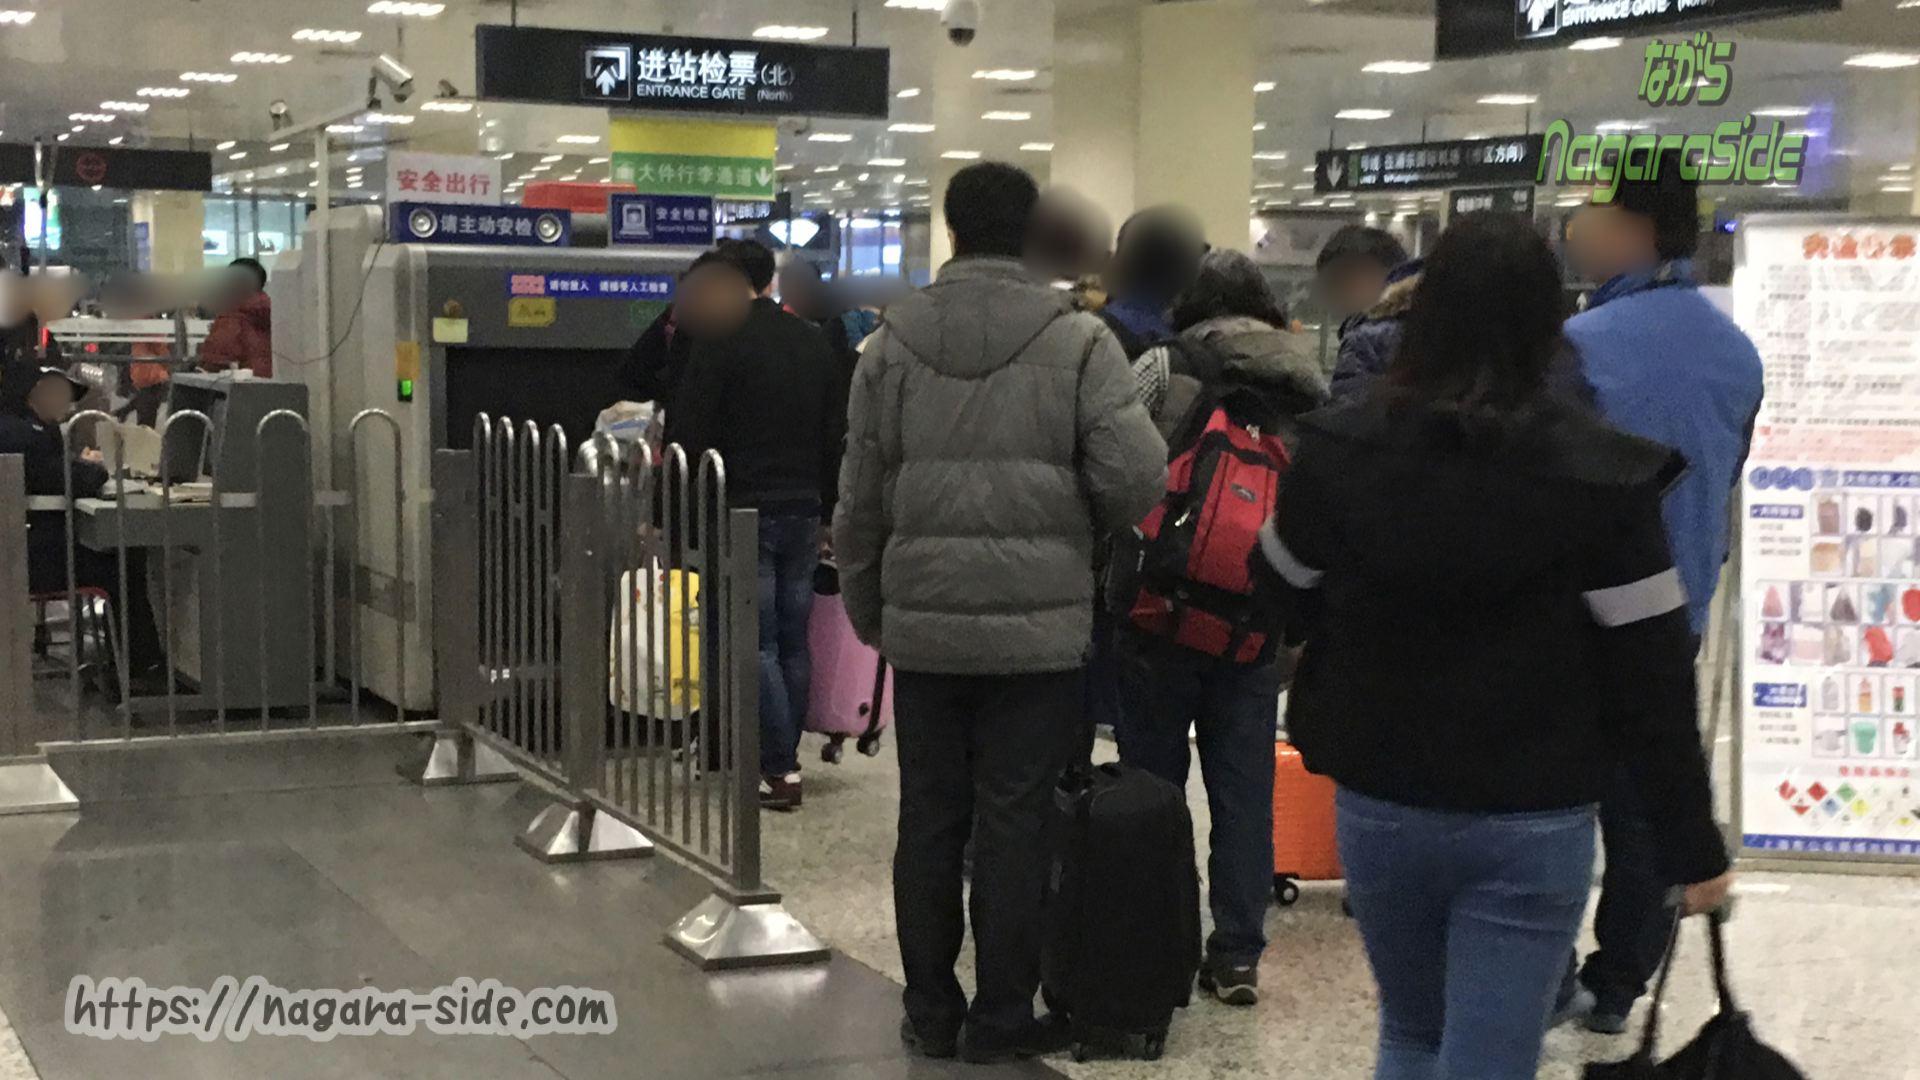 中国の地下鉄の手荷物検査